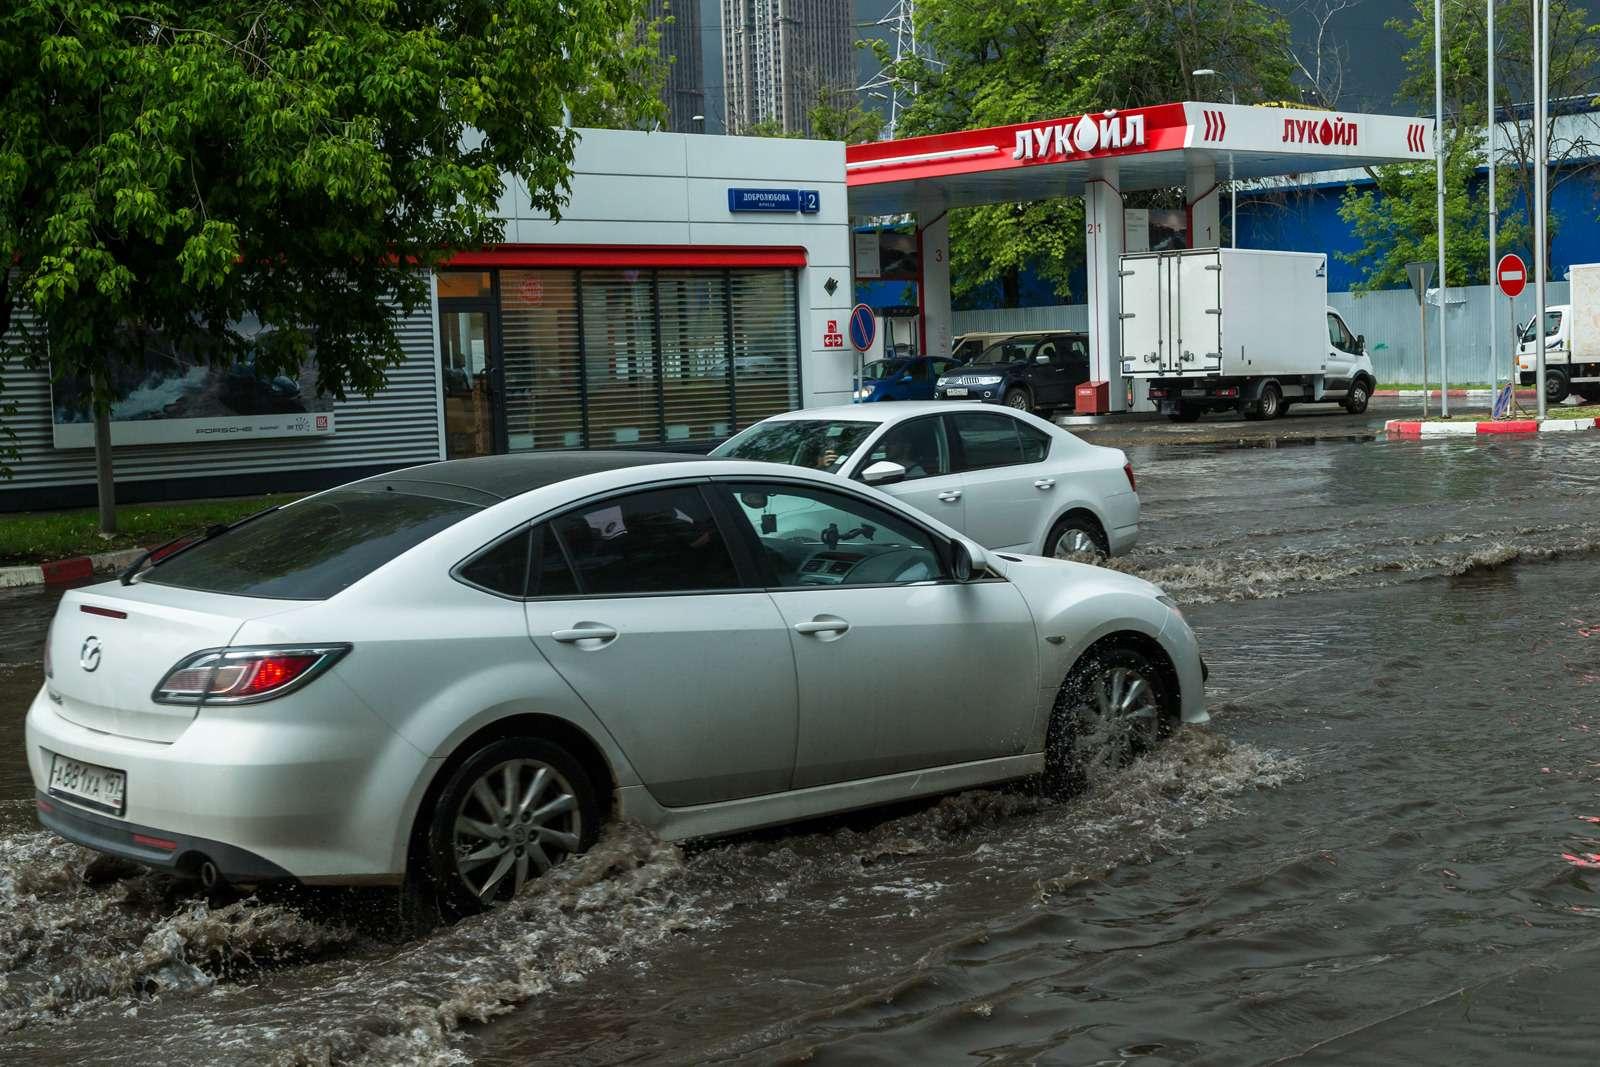 Москву залили дожди, машины поплыли. Фоторепортаж ЗР— фото 770681